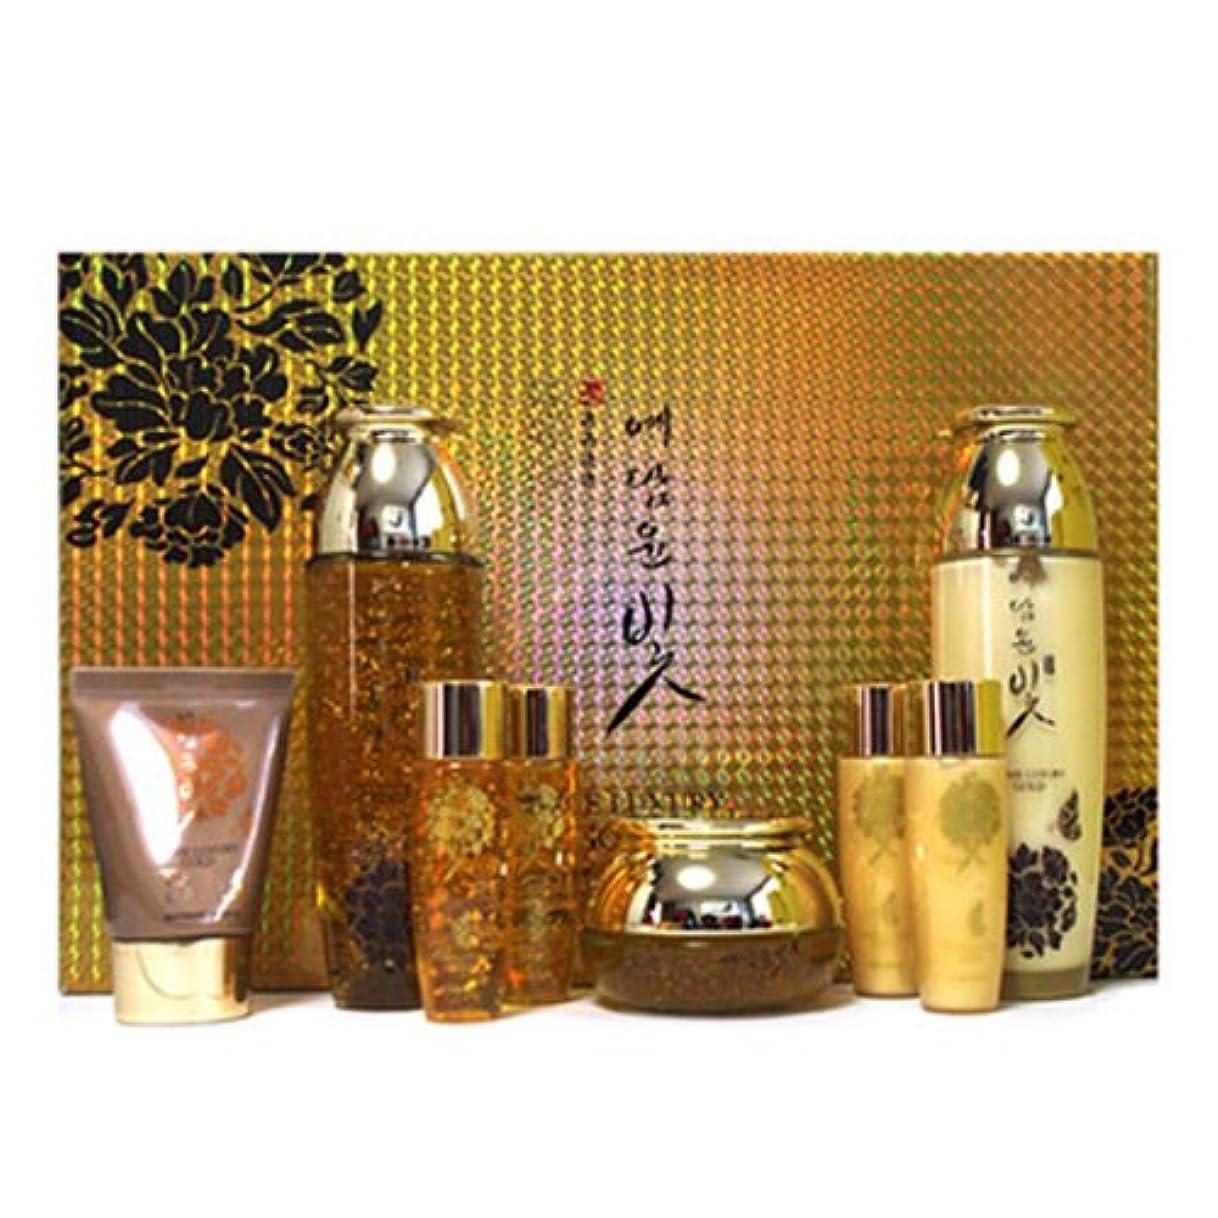 はさみ時天気イェダムユンビト[韓国コスメYedam Yun Bit]Prime Luxury Gold Skin Care Set プライムラグジュアリーゴールドスキンケア4セット 樹液 乳液 クリーム/ BBクリーム [並行輸入品]